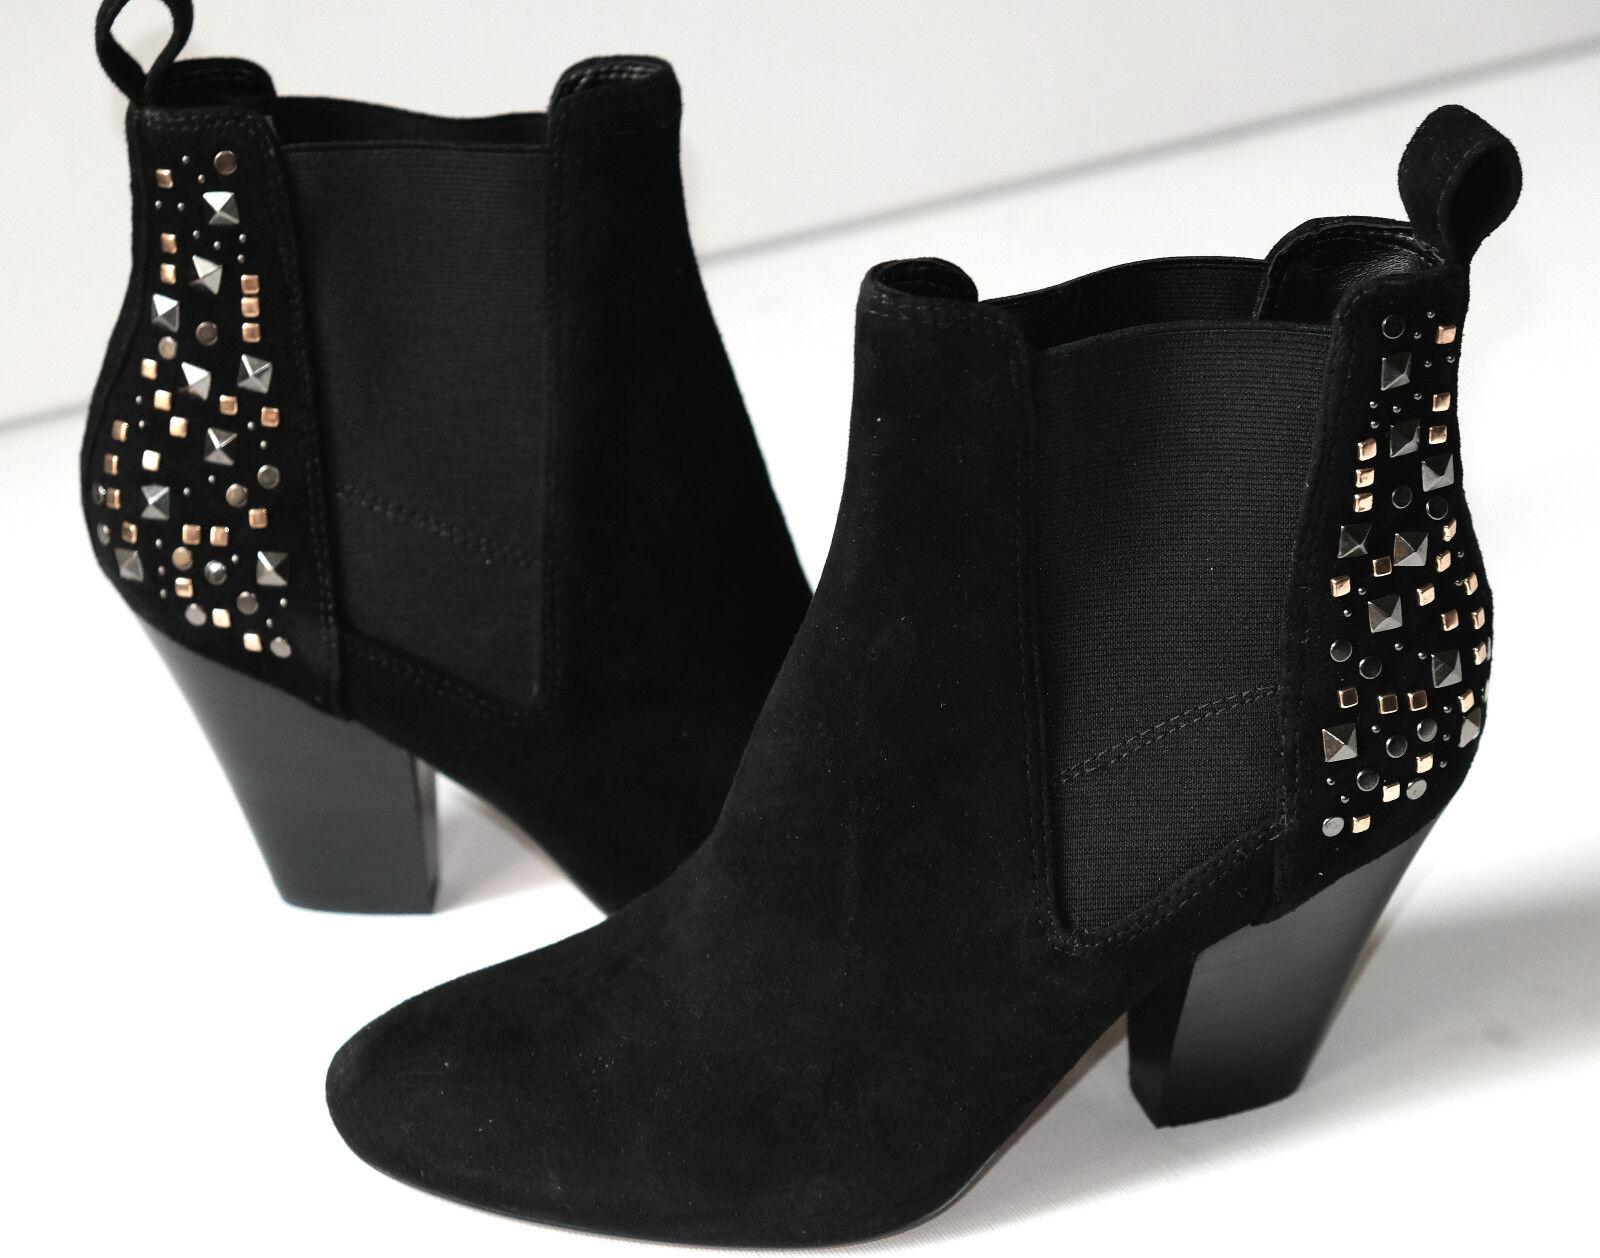 Clarks Ellis Tangle Black Suede Ladies Ankle Boots 5/38 D RRP £70